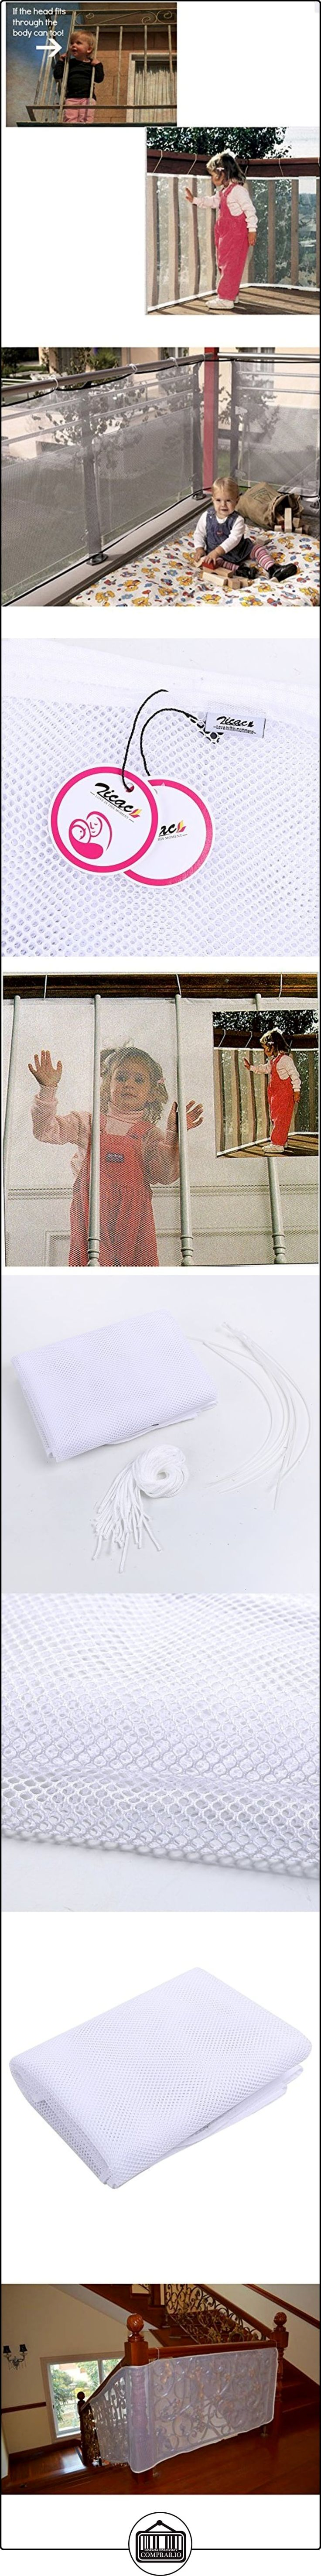 Zicac - Red Valla Barrera de Seguridad de Balcón de Color Blanco para Niños Bebé (3 metros)  ✿ Seguridad para tu bebé - (Protege a tus hijos) ✿ ▬► Ver oferta: http://comprar.io/goto/B019T02CX4